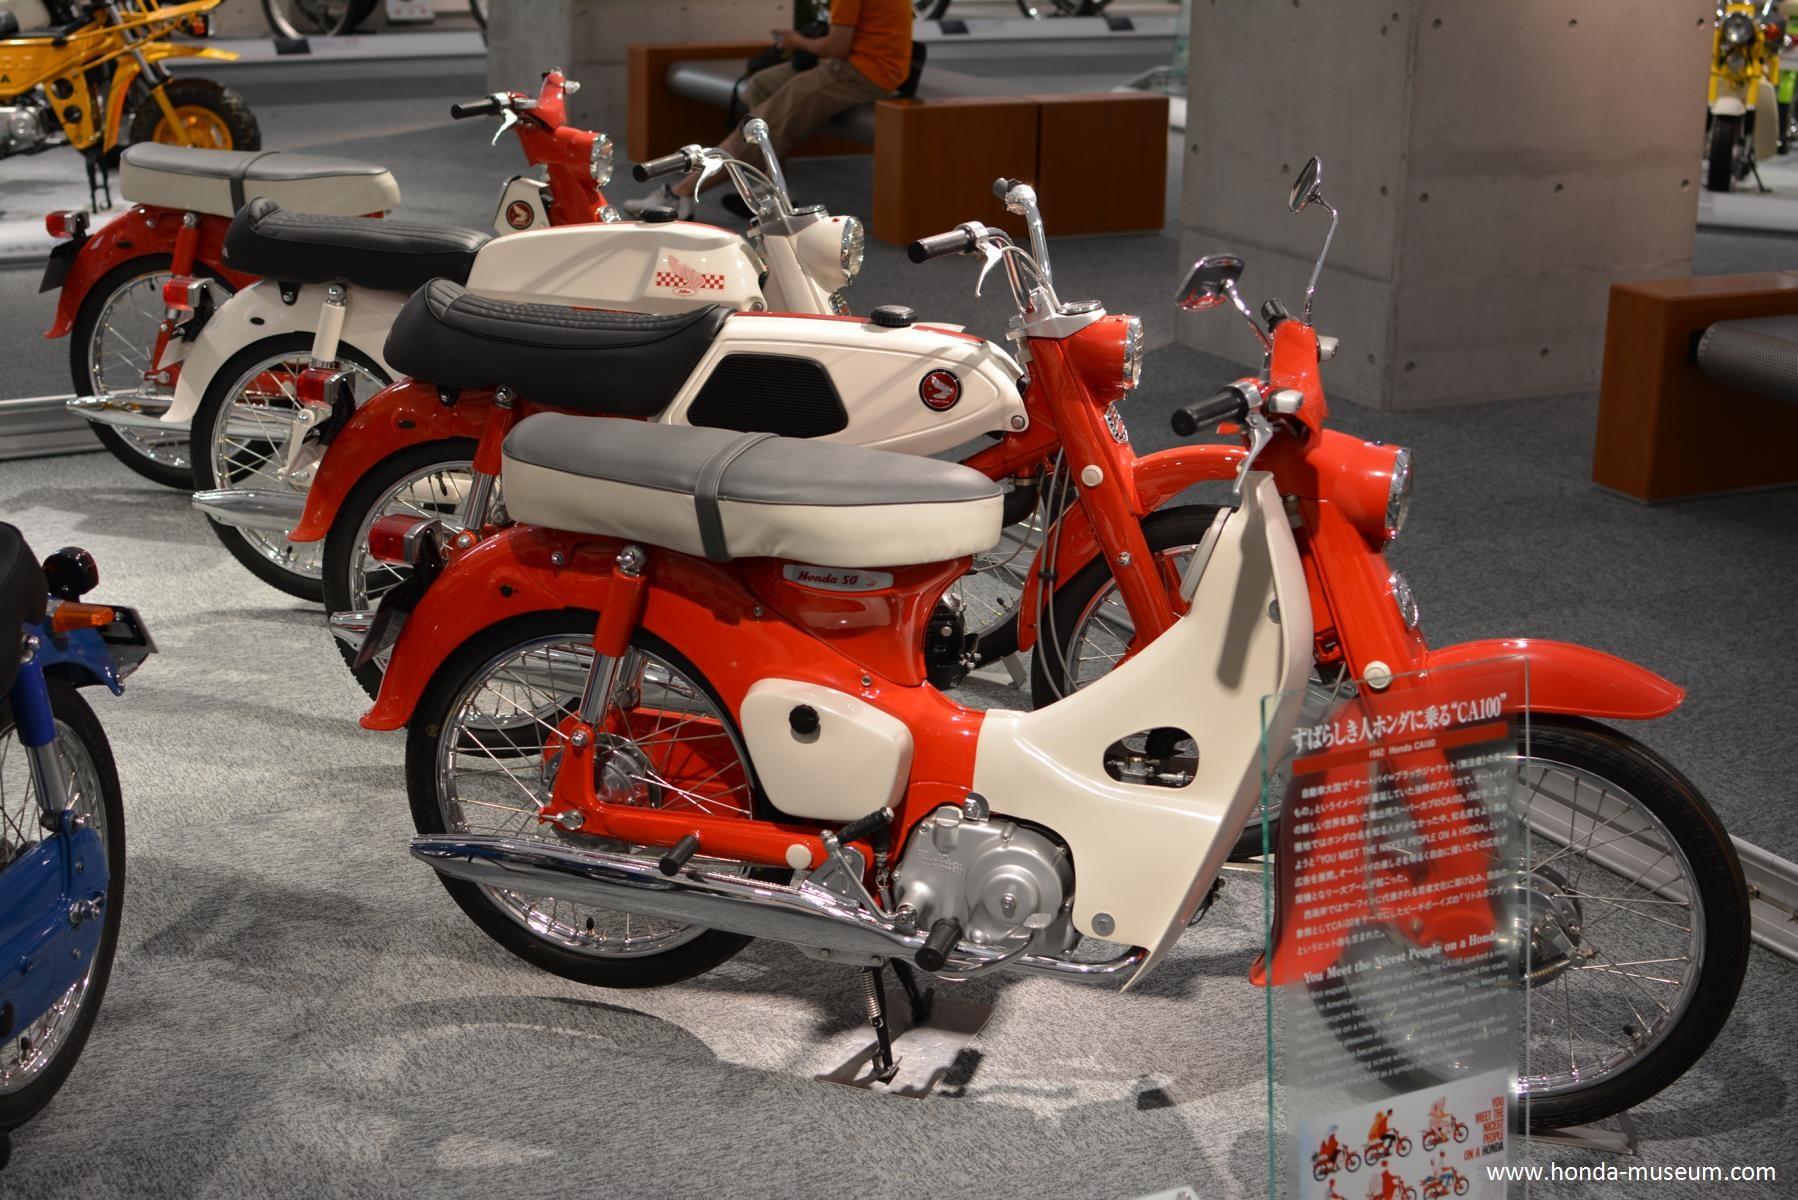 1962 Honda Super Cub Honda Museum - mini4temps.fr